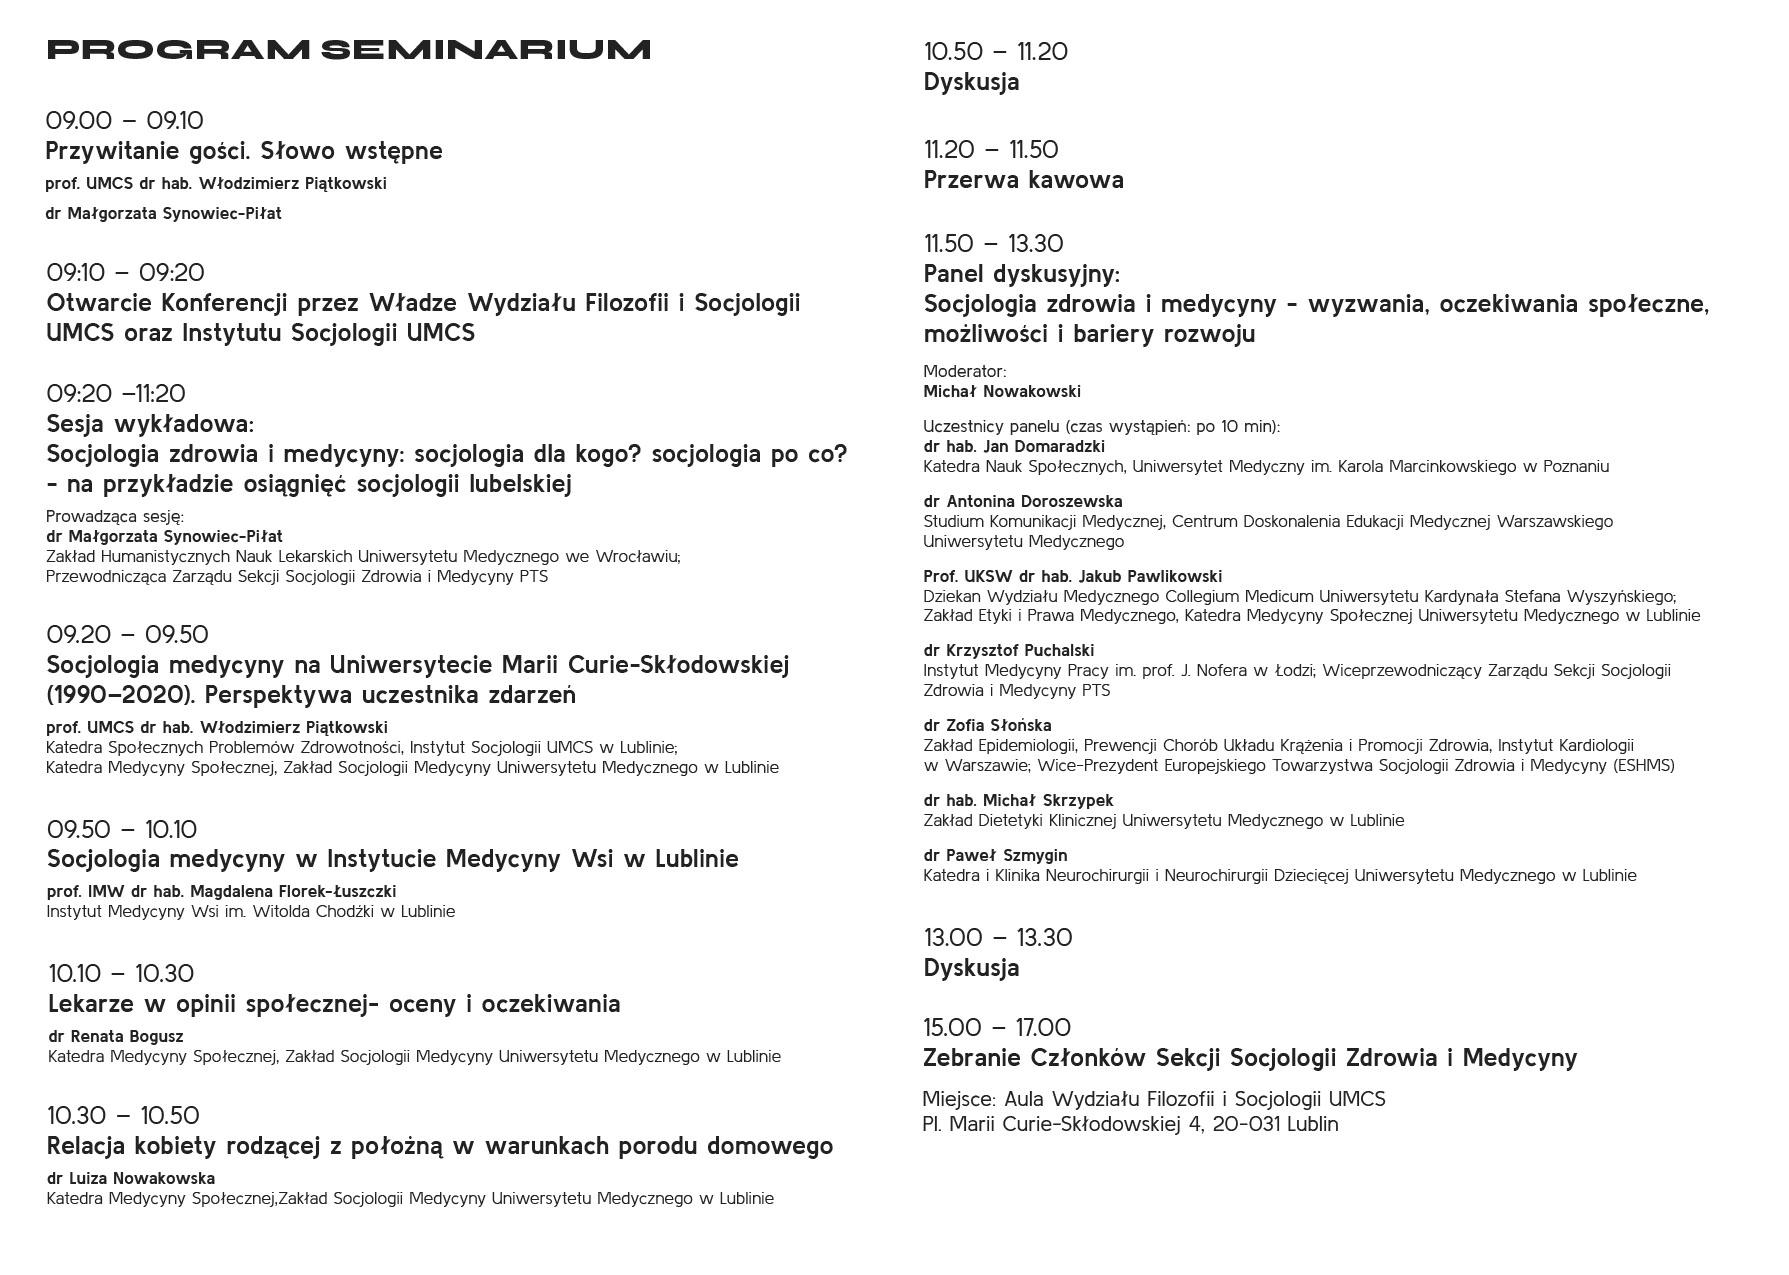 wfis-konferencja-pts-scojologia-zdrowia-program.jpg